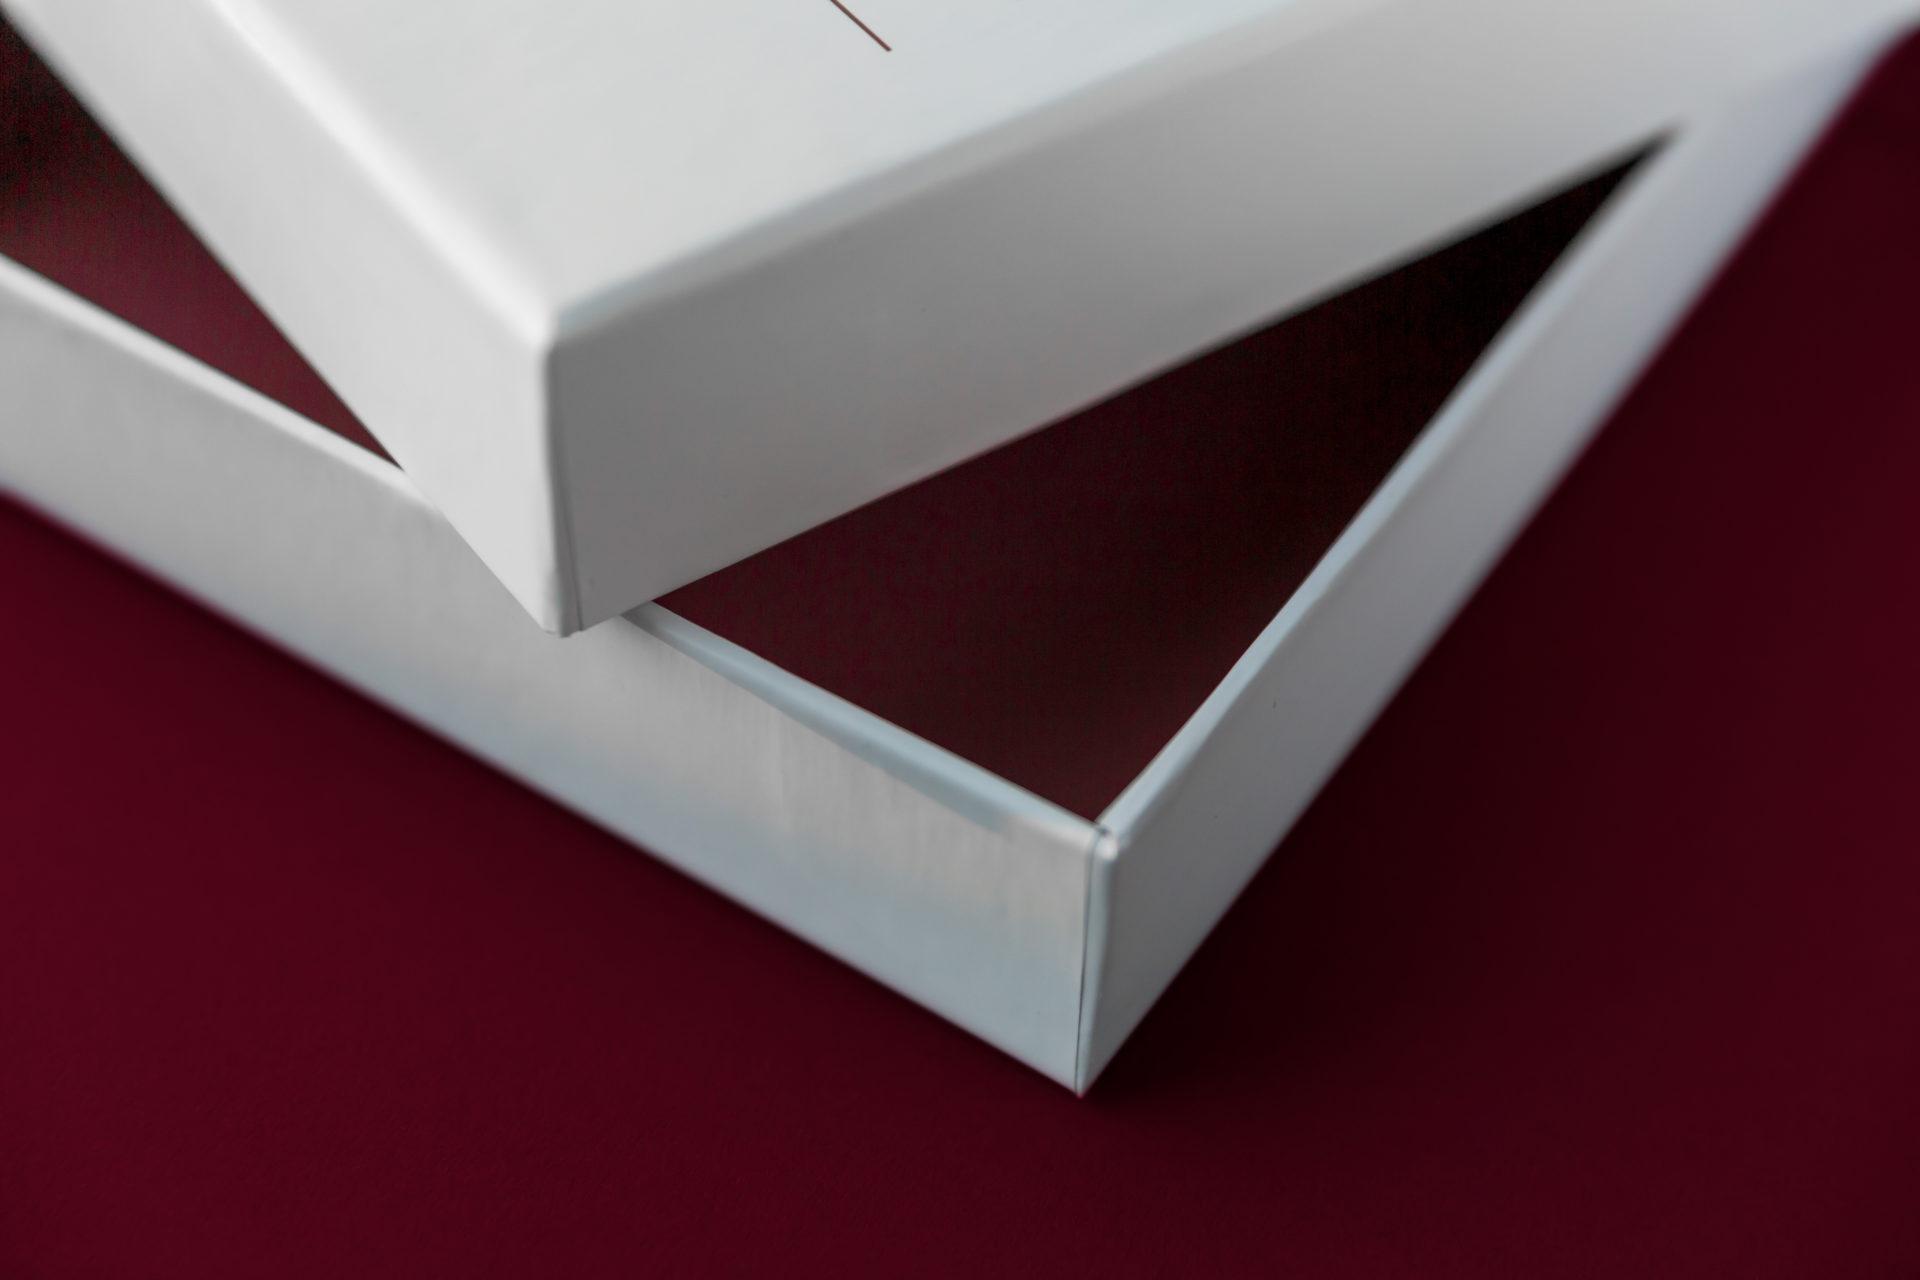 Doos-Deksel in A4 formaat met gekleurde binnenzijde